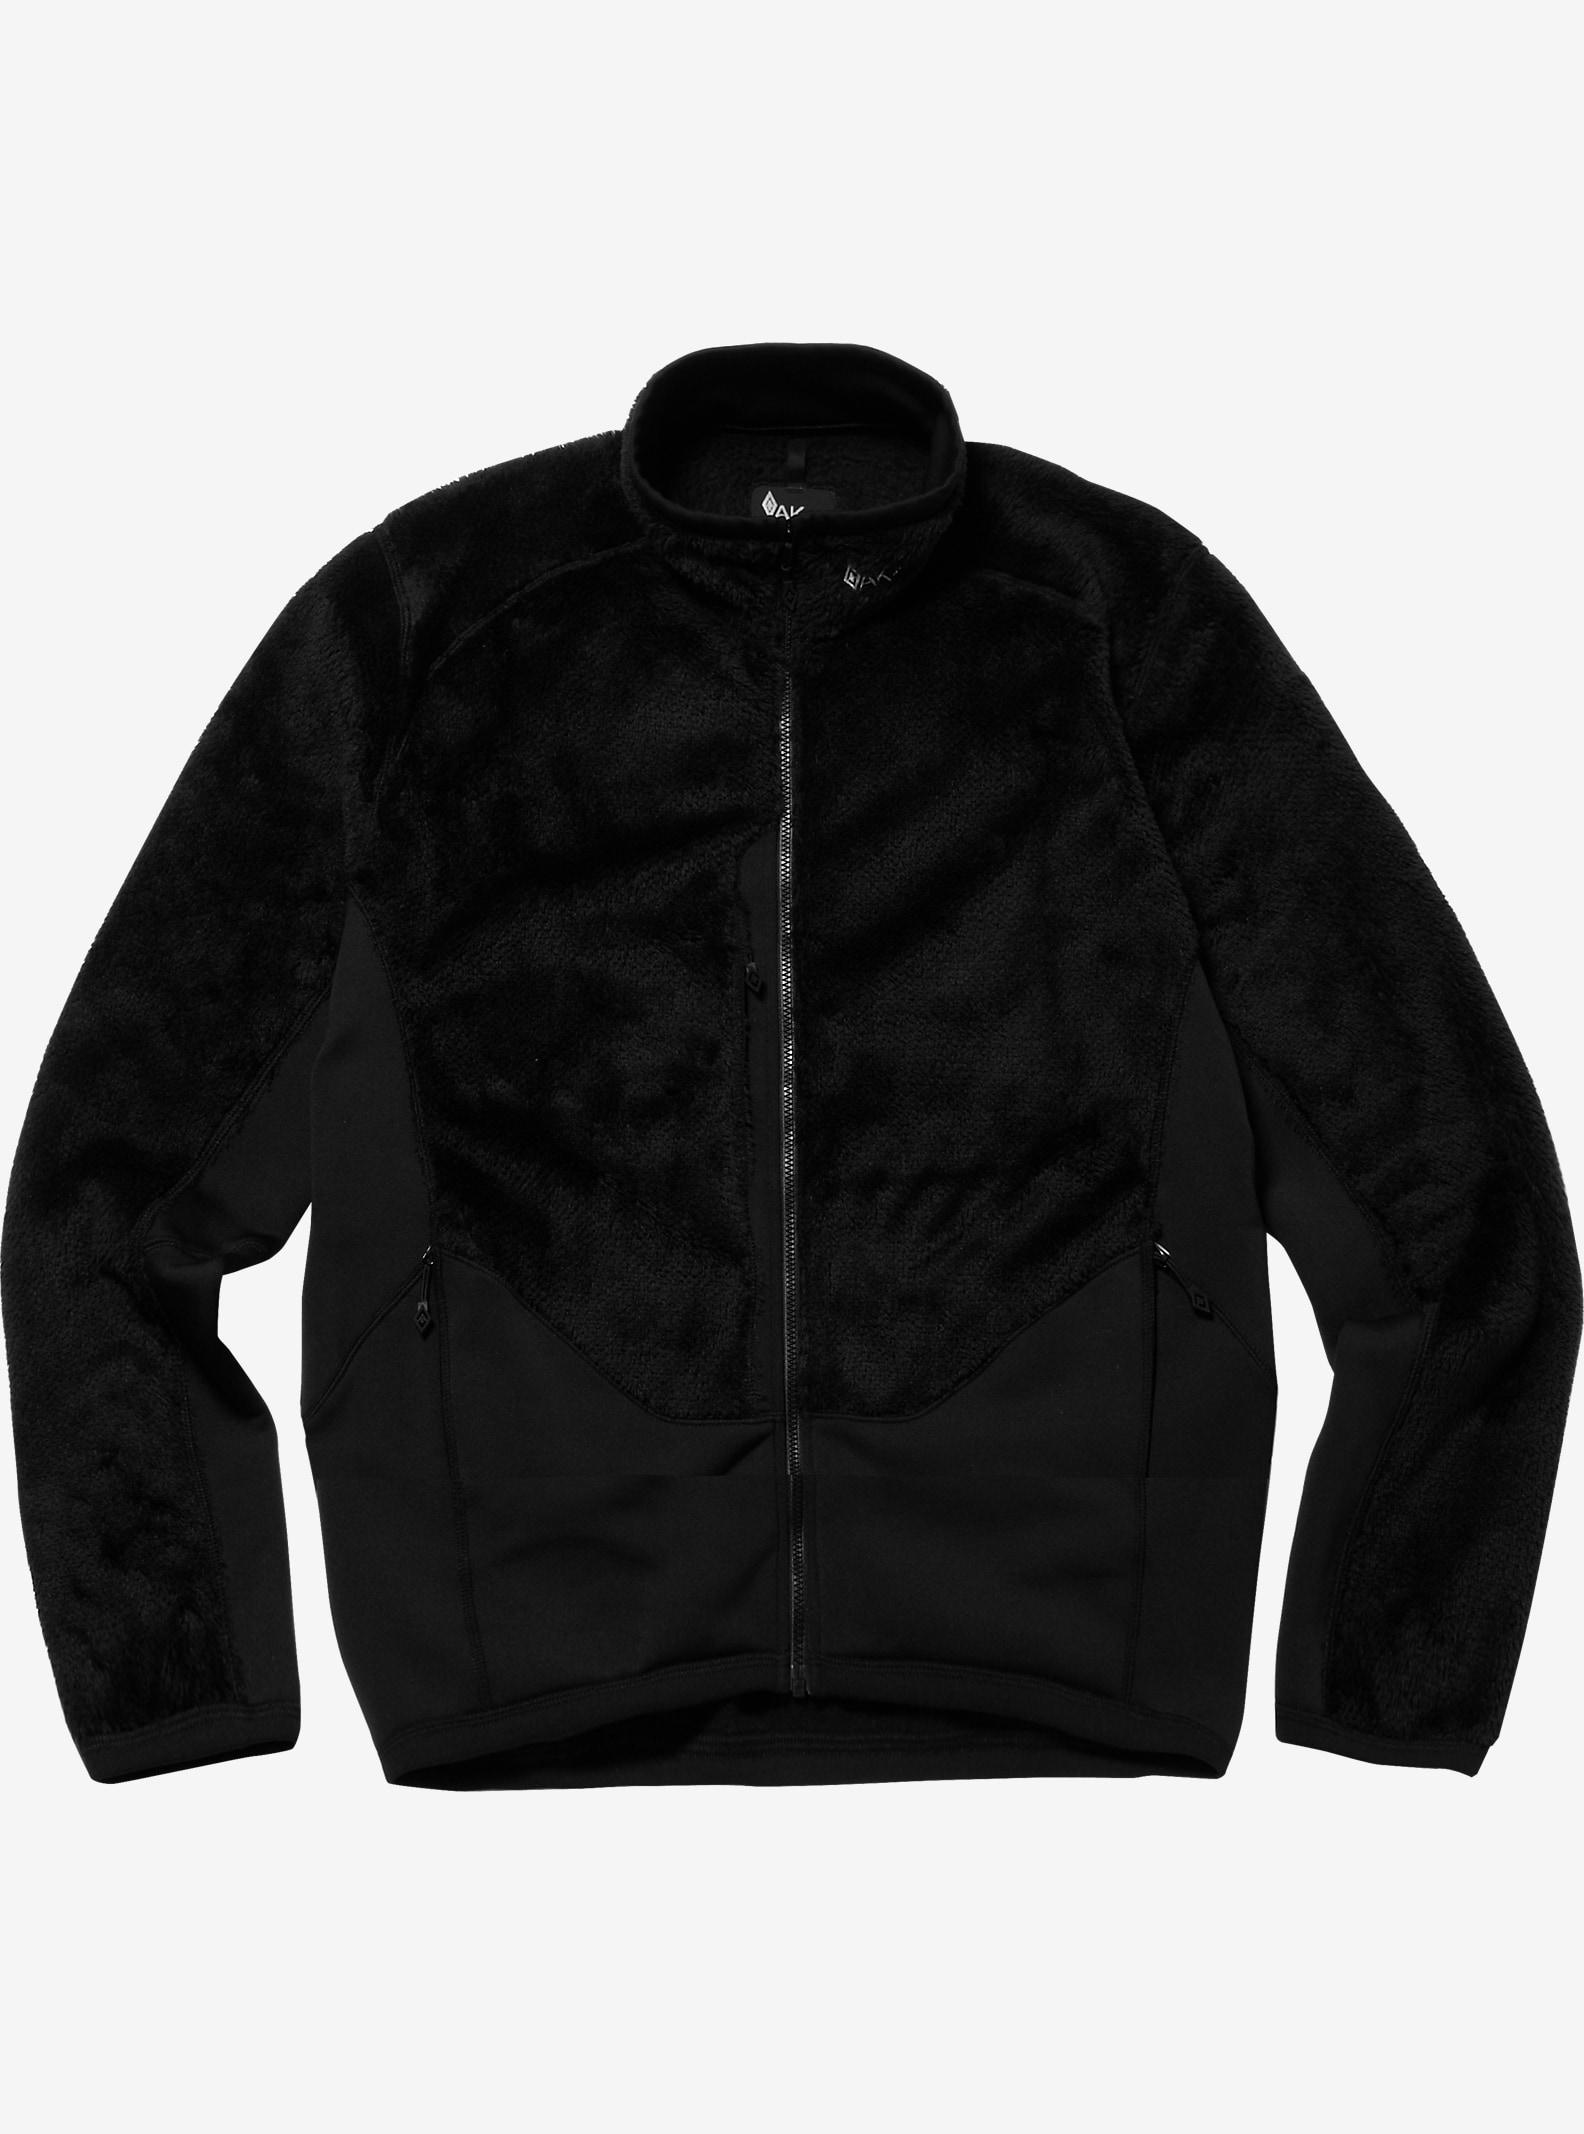 Burton AK457 Mid Fleece Jacket shown in True Black